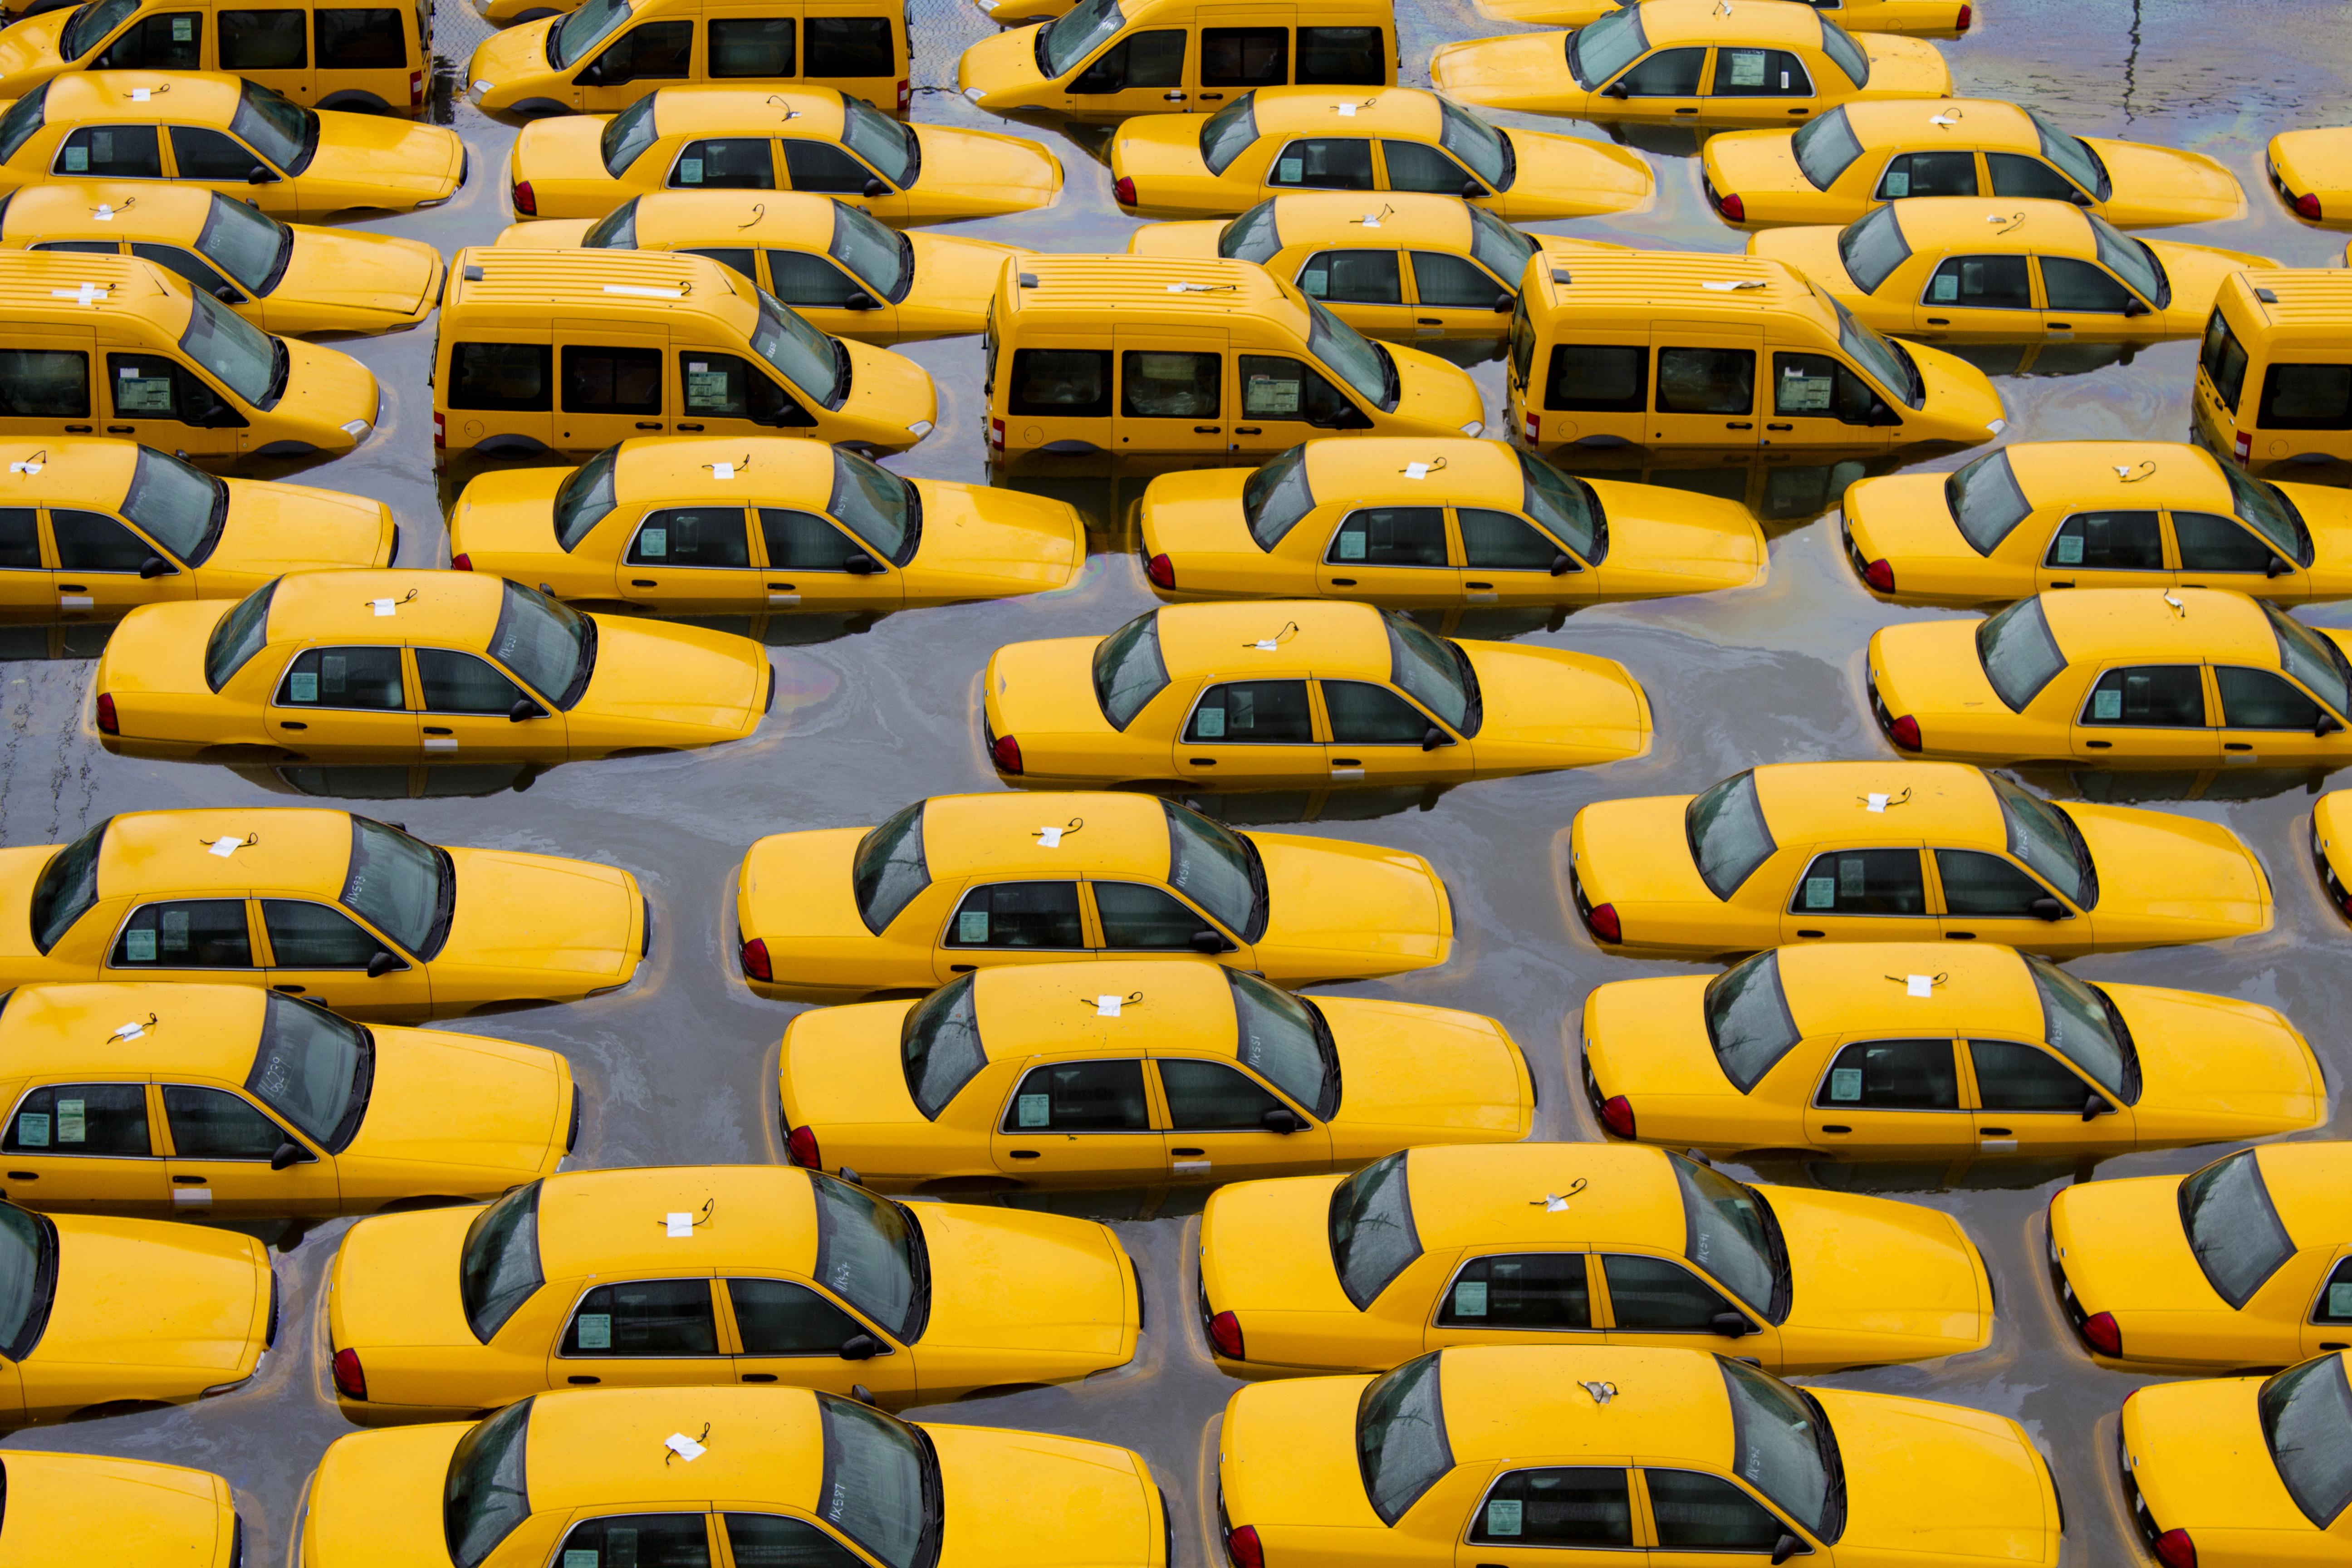 Sunken Taxis